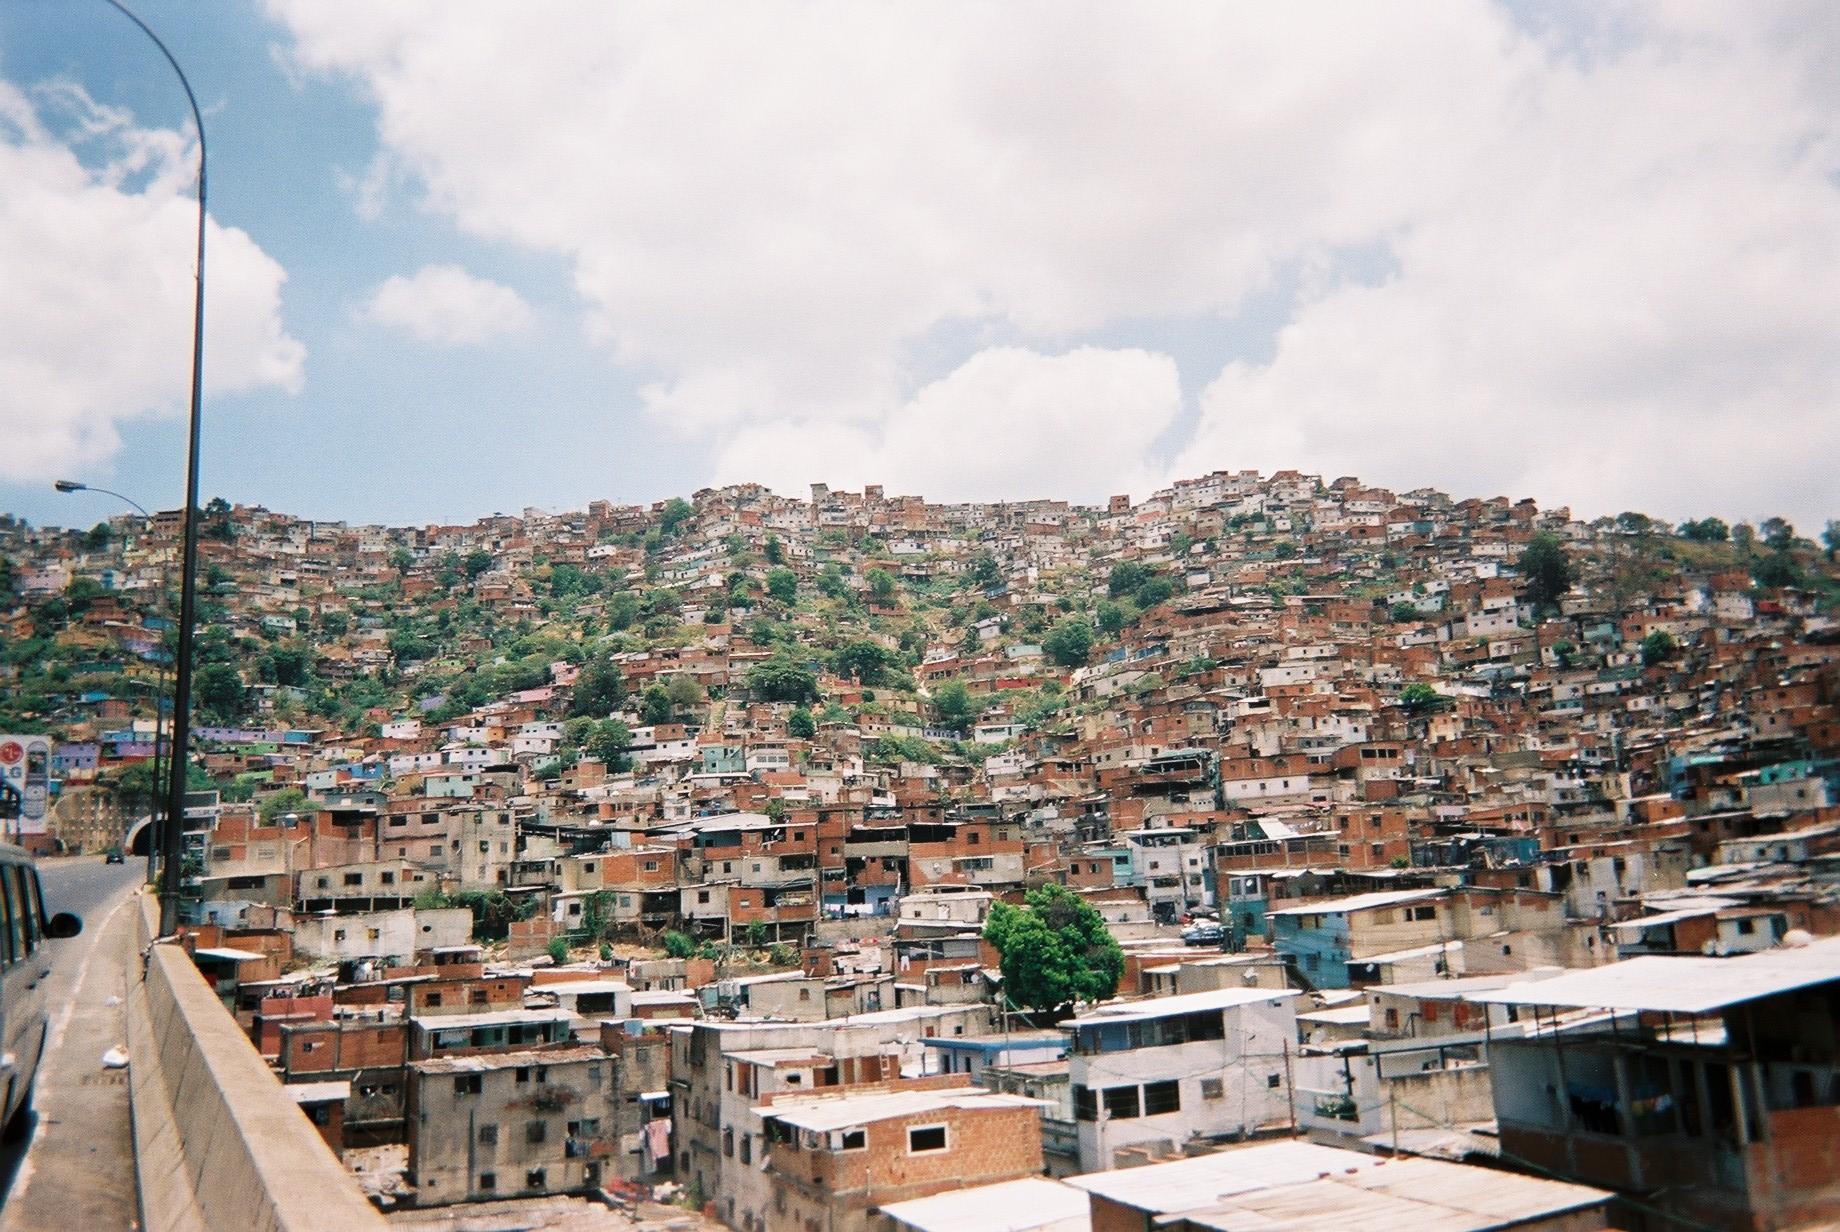 Las construcciones en suelos invadidos aumentan dentro y alrededor de Caracas.